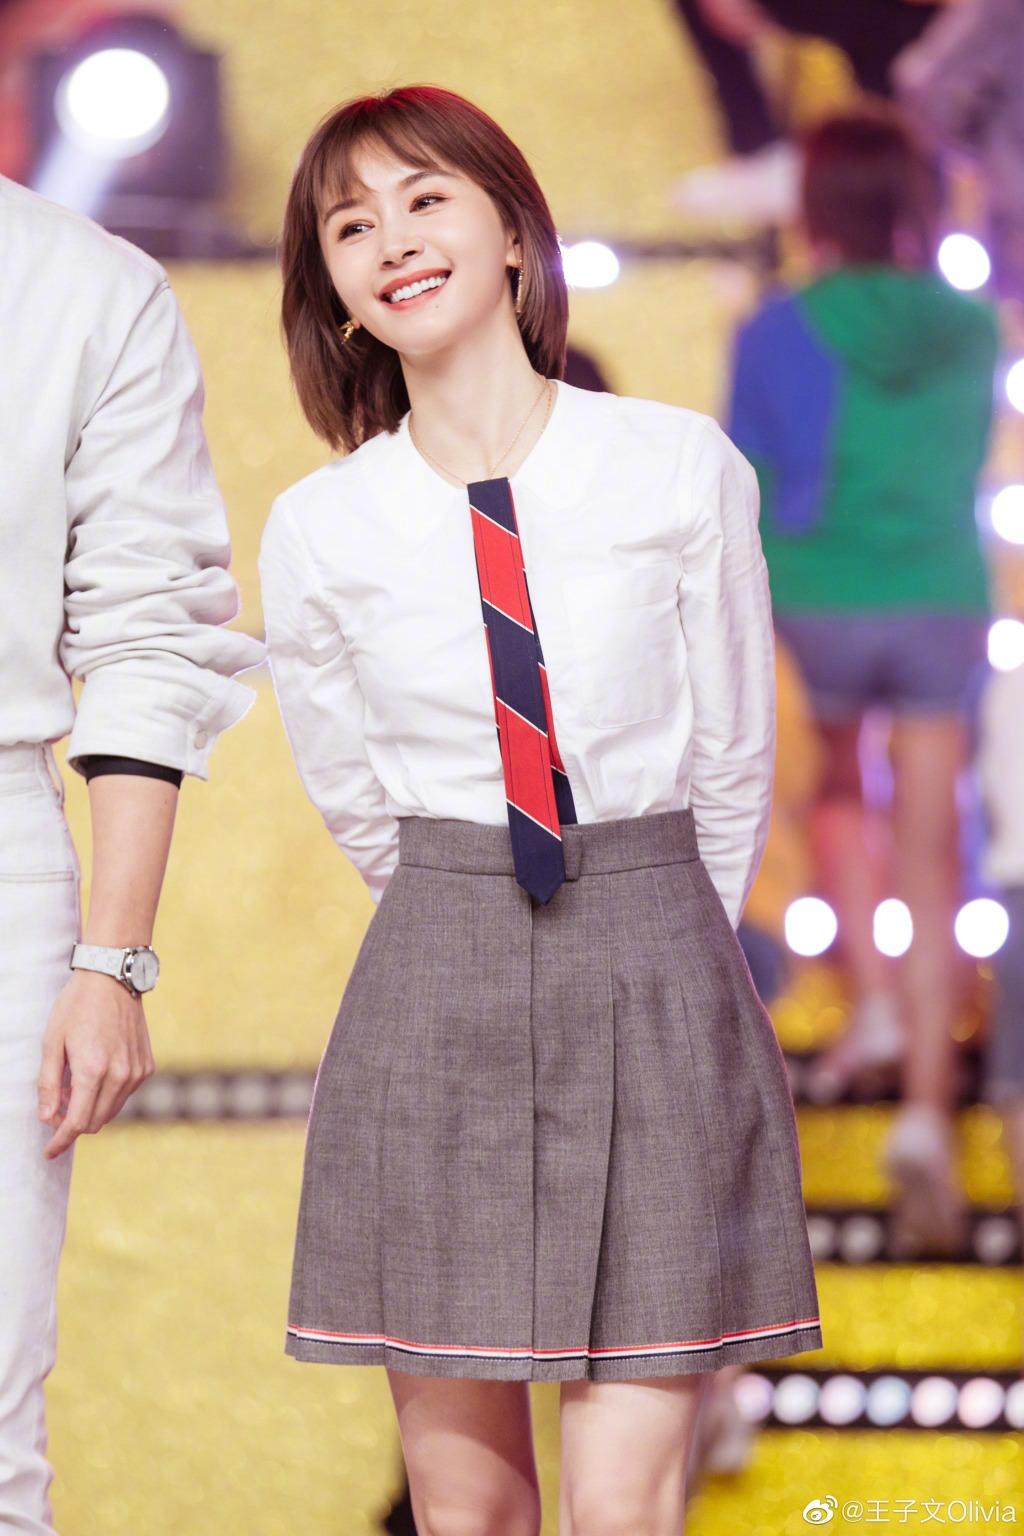 162cm王子文剪了短发真高级,白衬衫搭百褶裙减龄时髦,显高显瘦